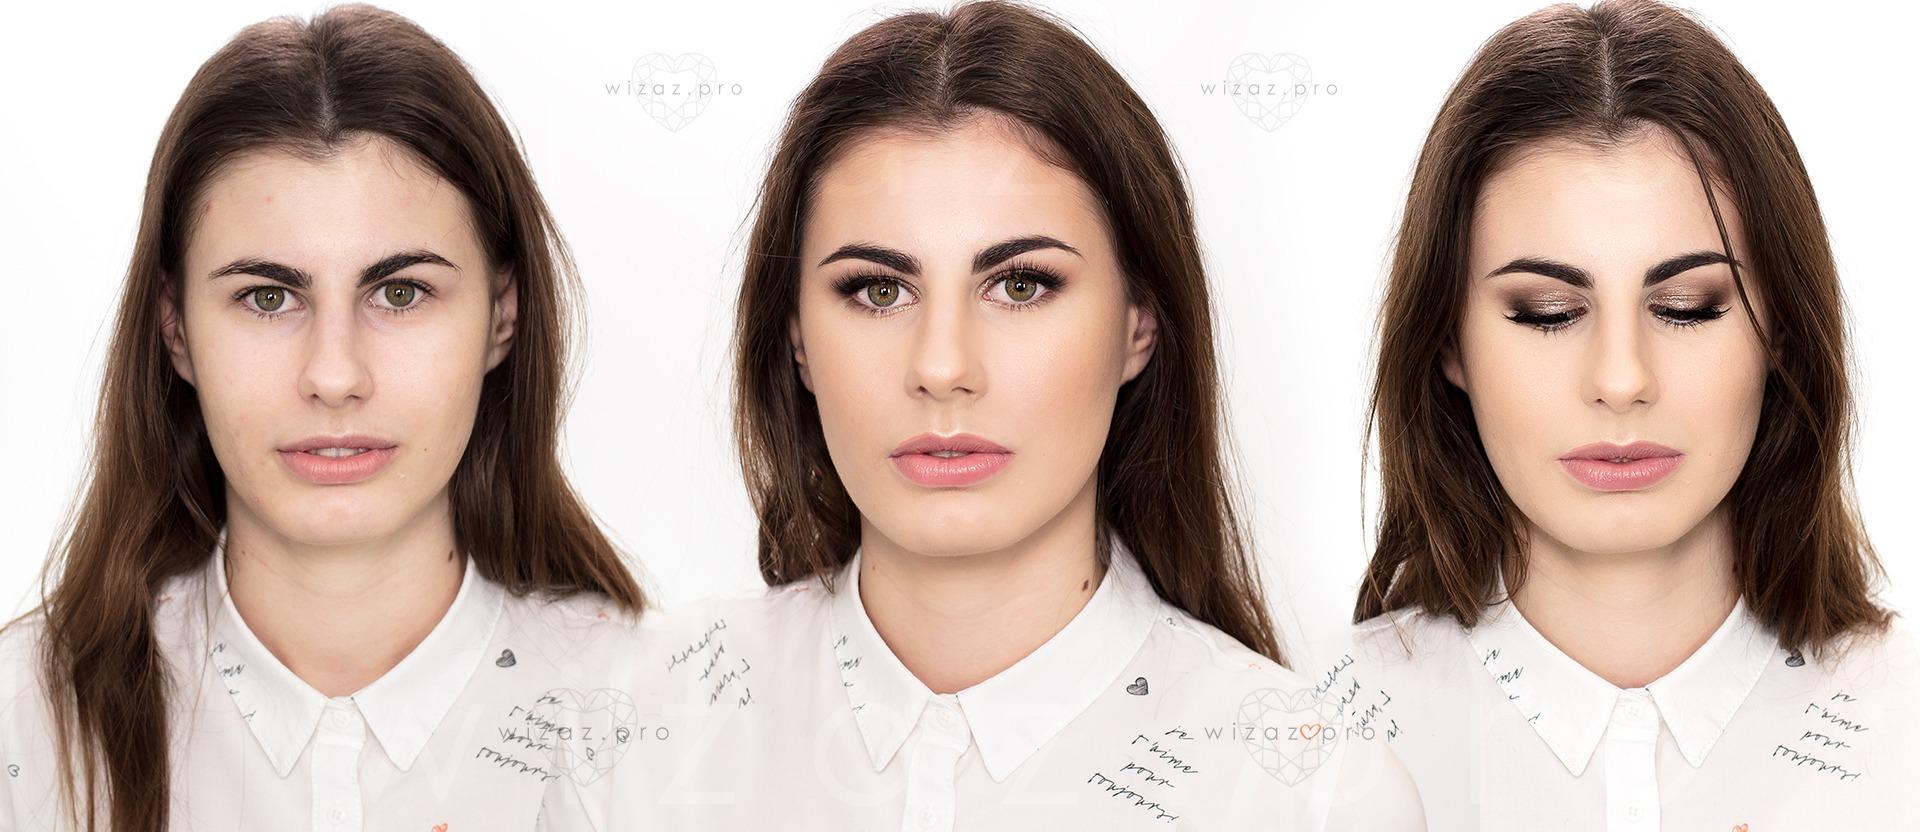 Makijaż ślubny mocny rozświetlający dla brunetki - ciemnozielone i brązowe oczy - Wizaż PRO Kraków